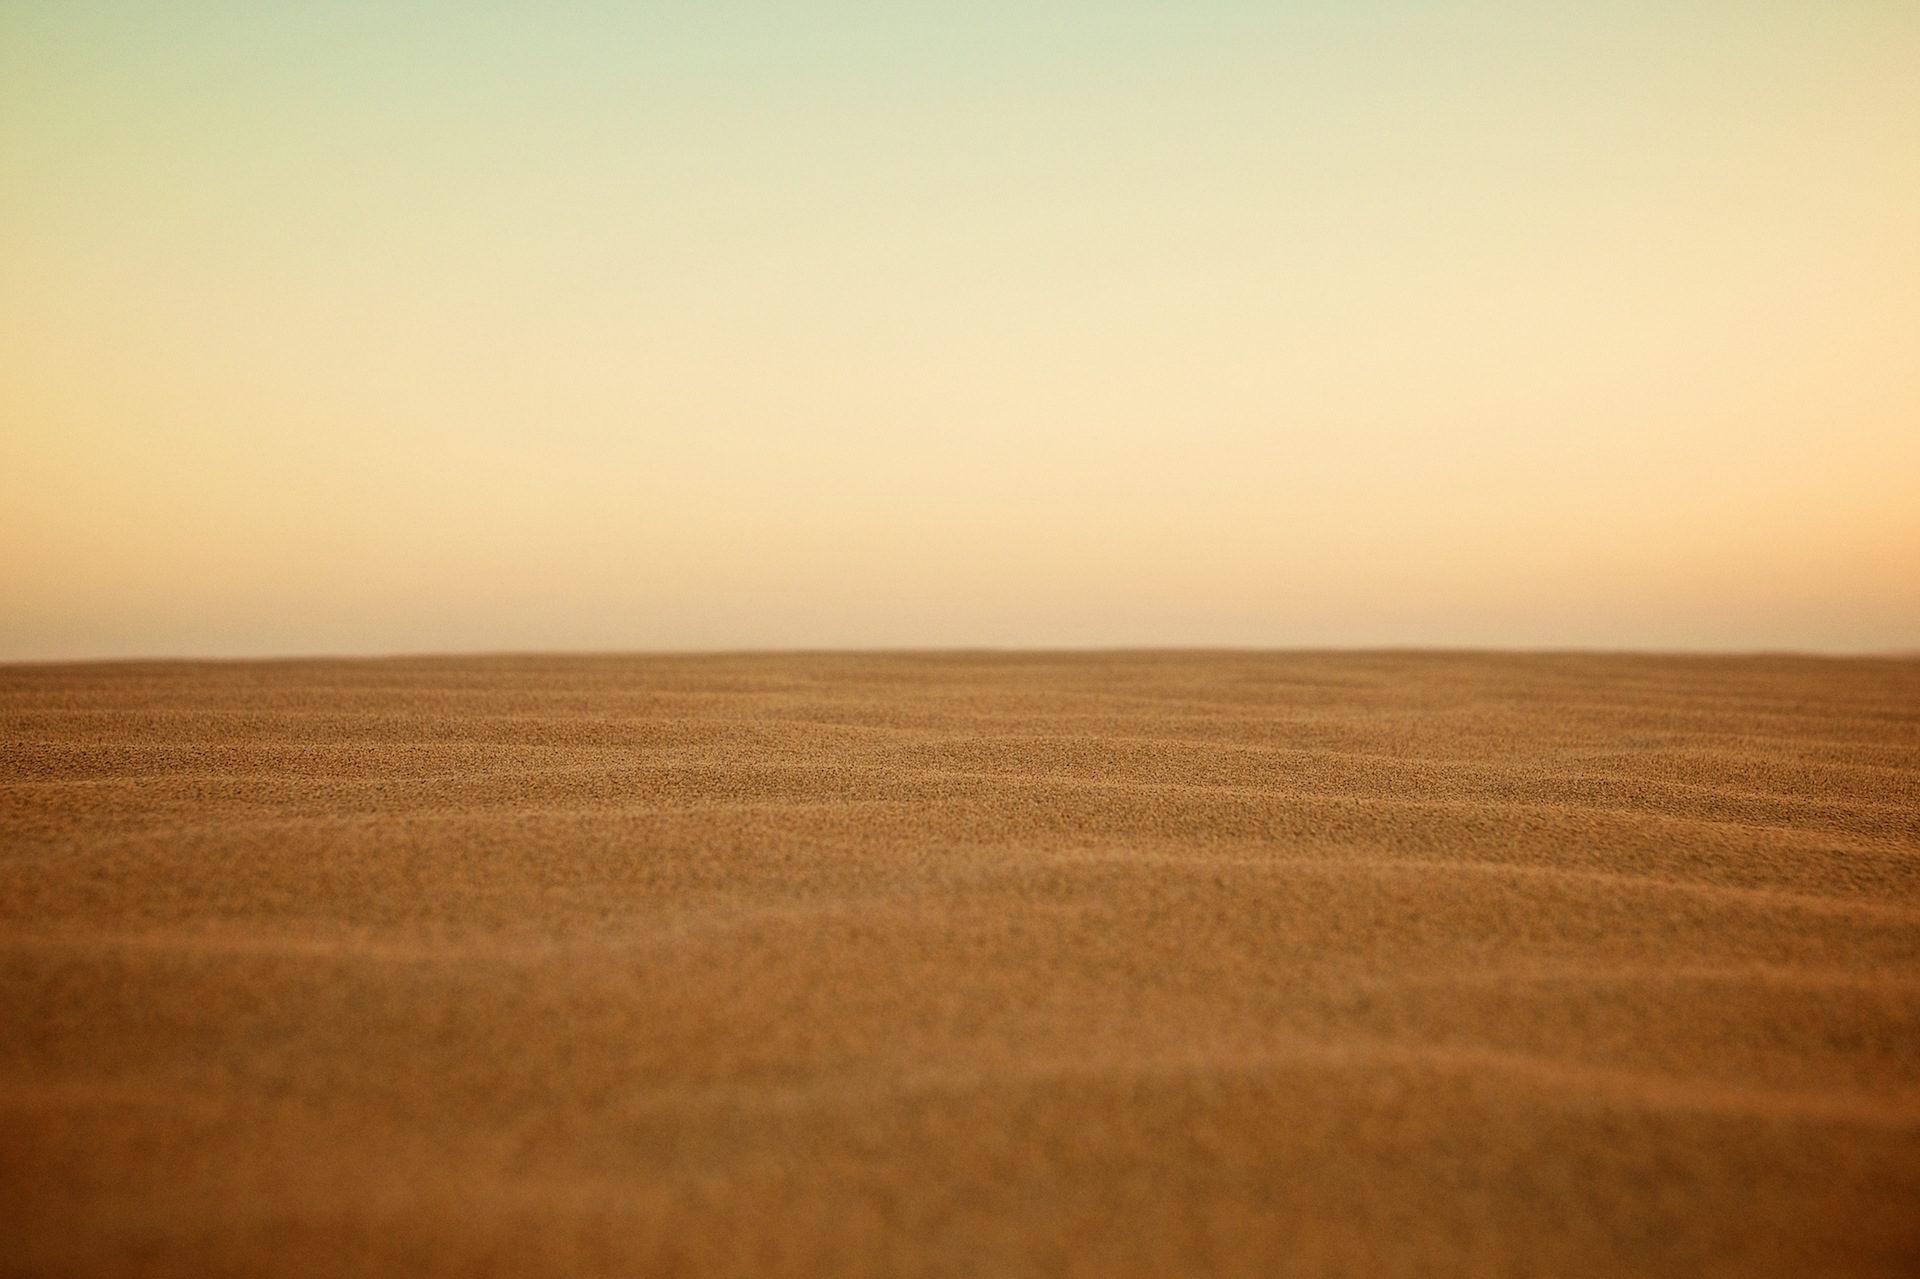 пустыня, песок, Соледад, потеряли, Расстояние - Обои HD - Профессор falken.com